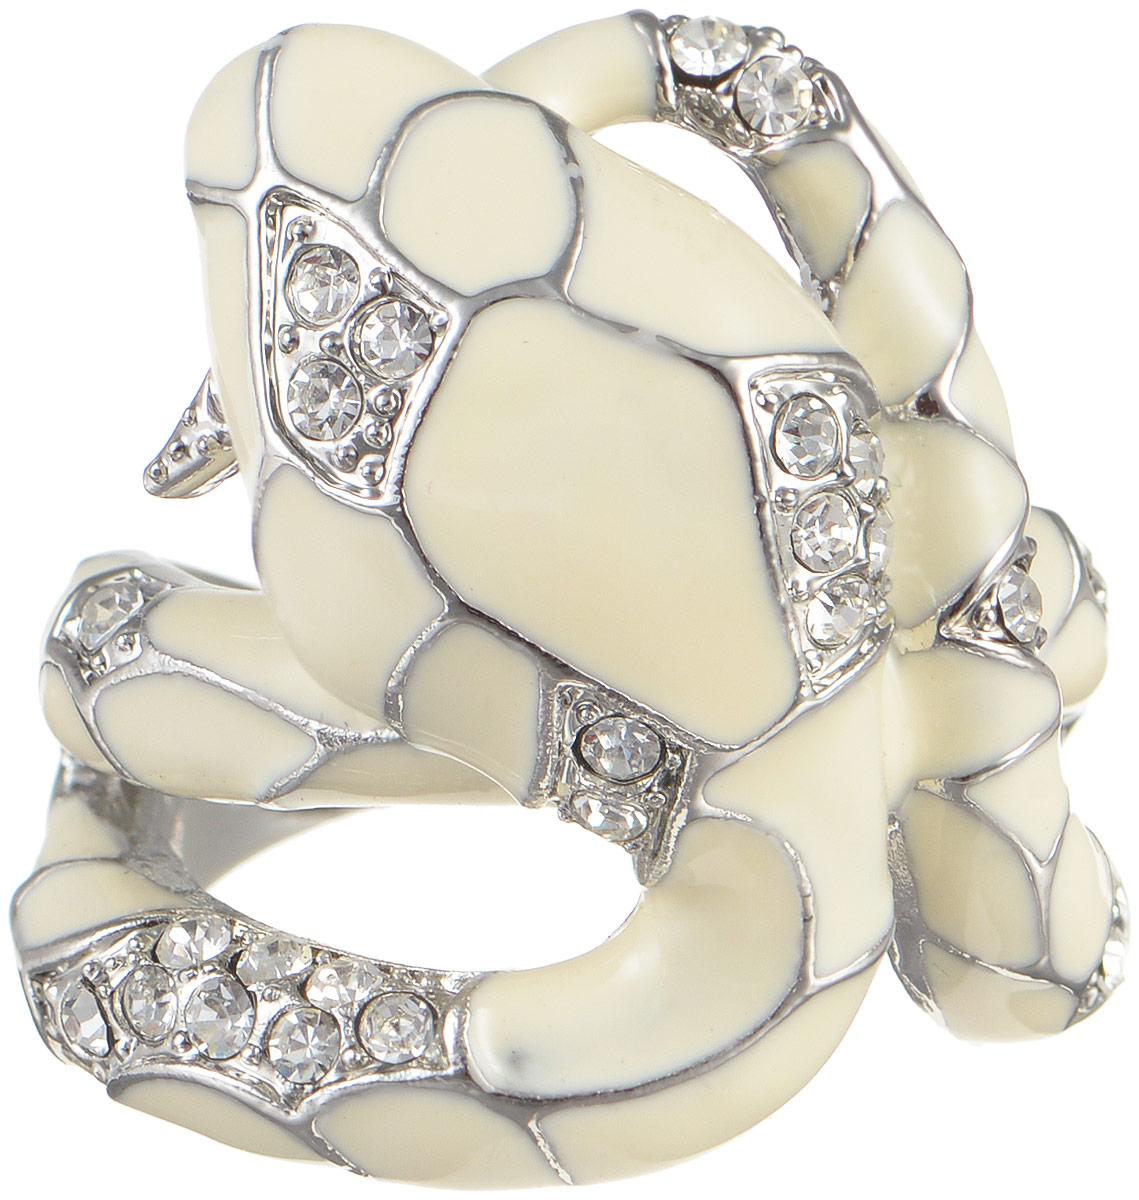 Кольцо женское Taya, цвет: белый, серебряный. T-B-8101T-B-8101-RING-WHITEОригинальное кольцо Taya выполнено из гипоаллергенного сплава на основе латуни. Оформлено модель в виде змеи, дополнено стразами и эмалью. Такое кольцо это блестящее завершение вашего неповторимого и смелого образа и отличный подарок для ценительницы необычных украшений!